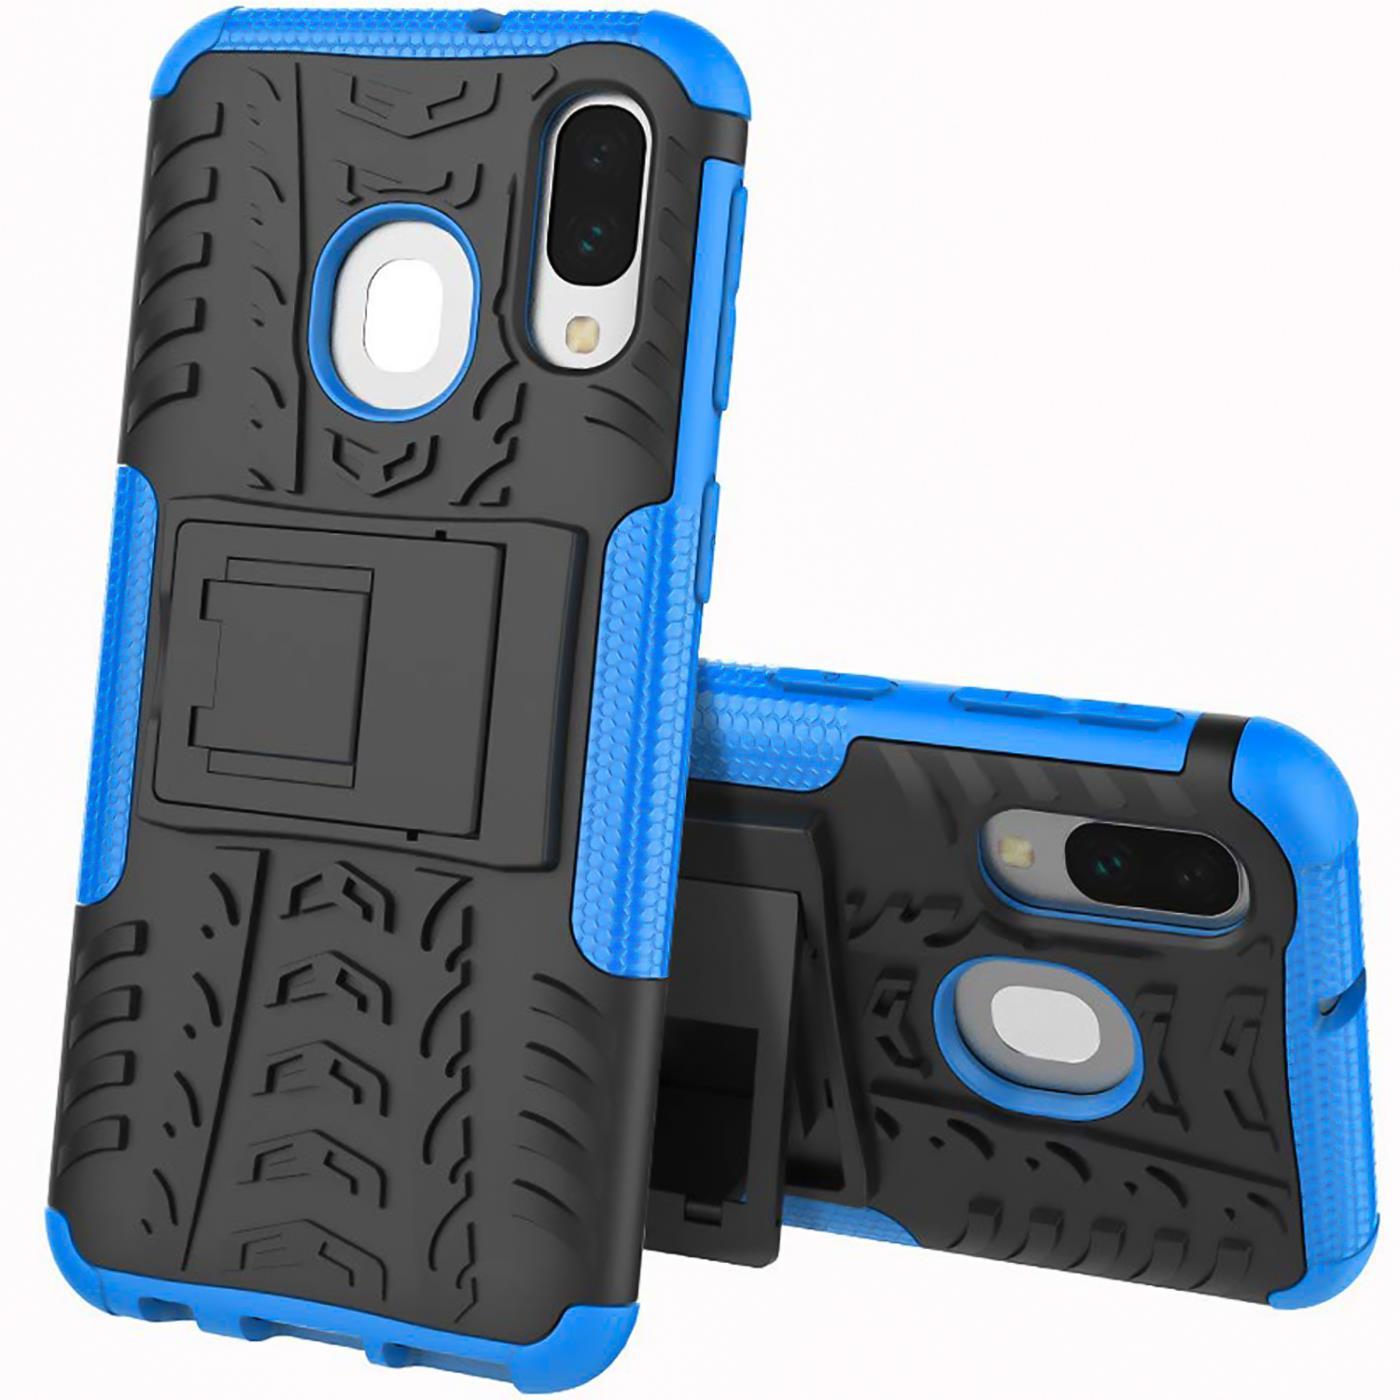 Schutzhuelle-Samsung-Galaxy-A20e-Handy-Tasche-Schutz-Huelle-Hybrid-Panzer-Case Indexbild 9